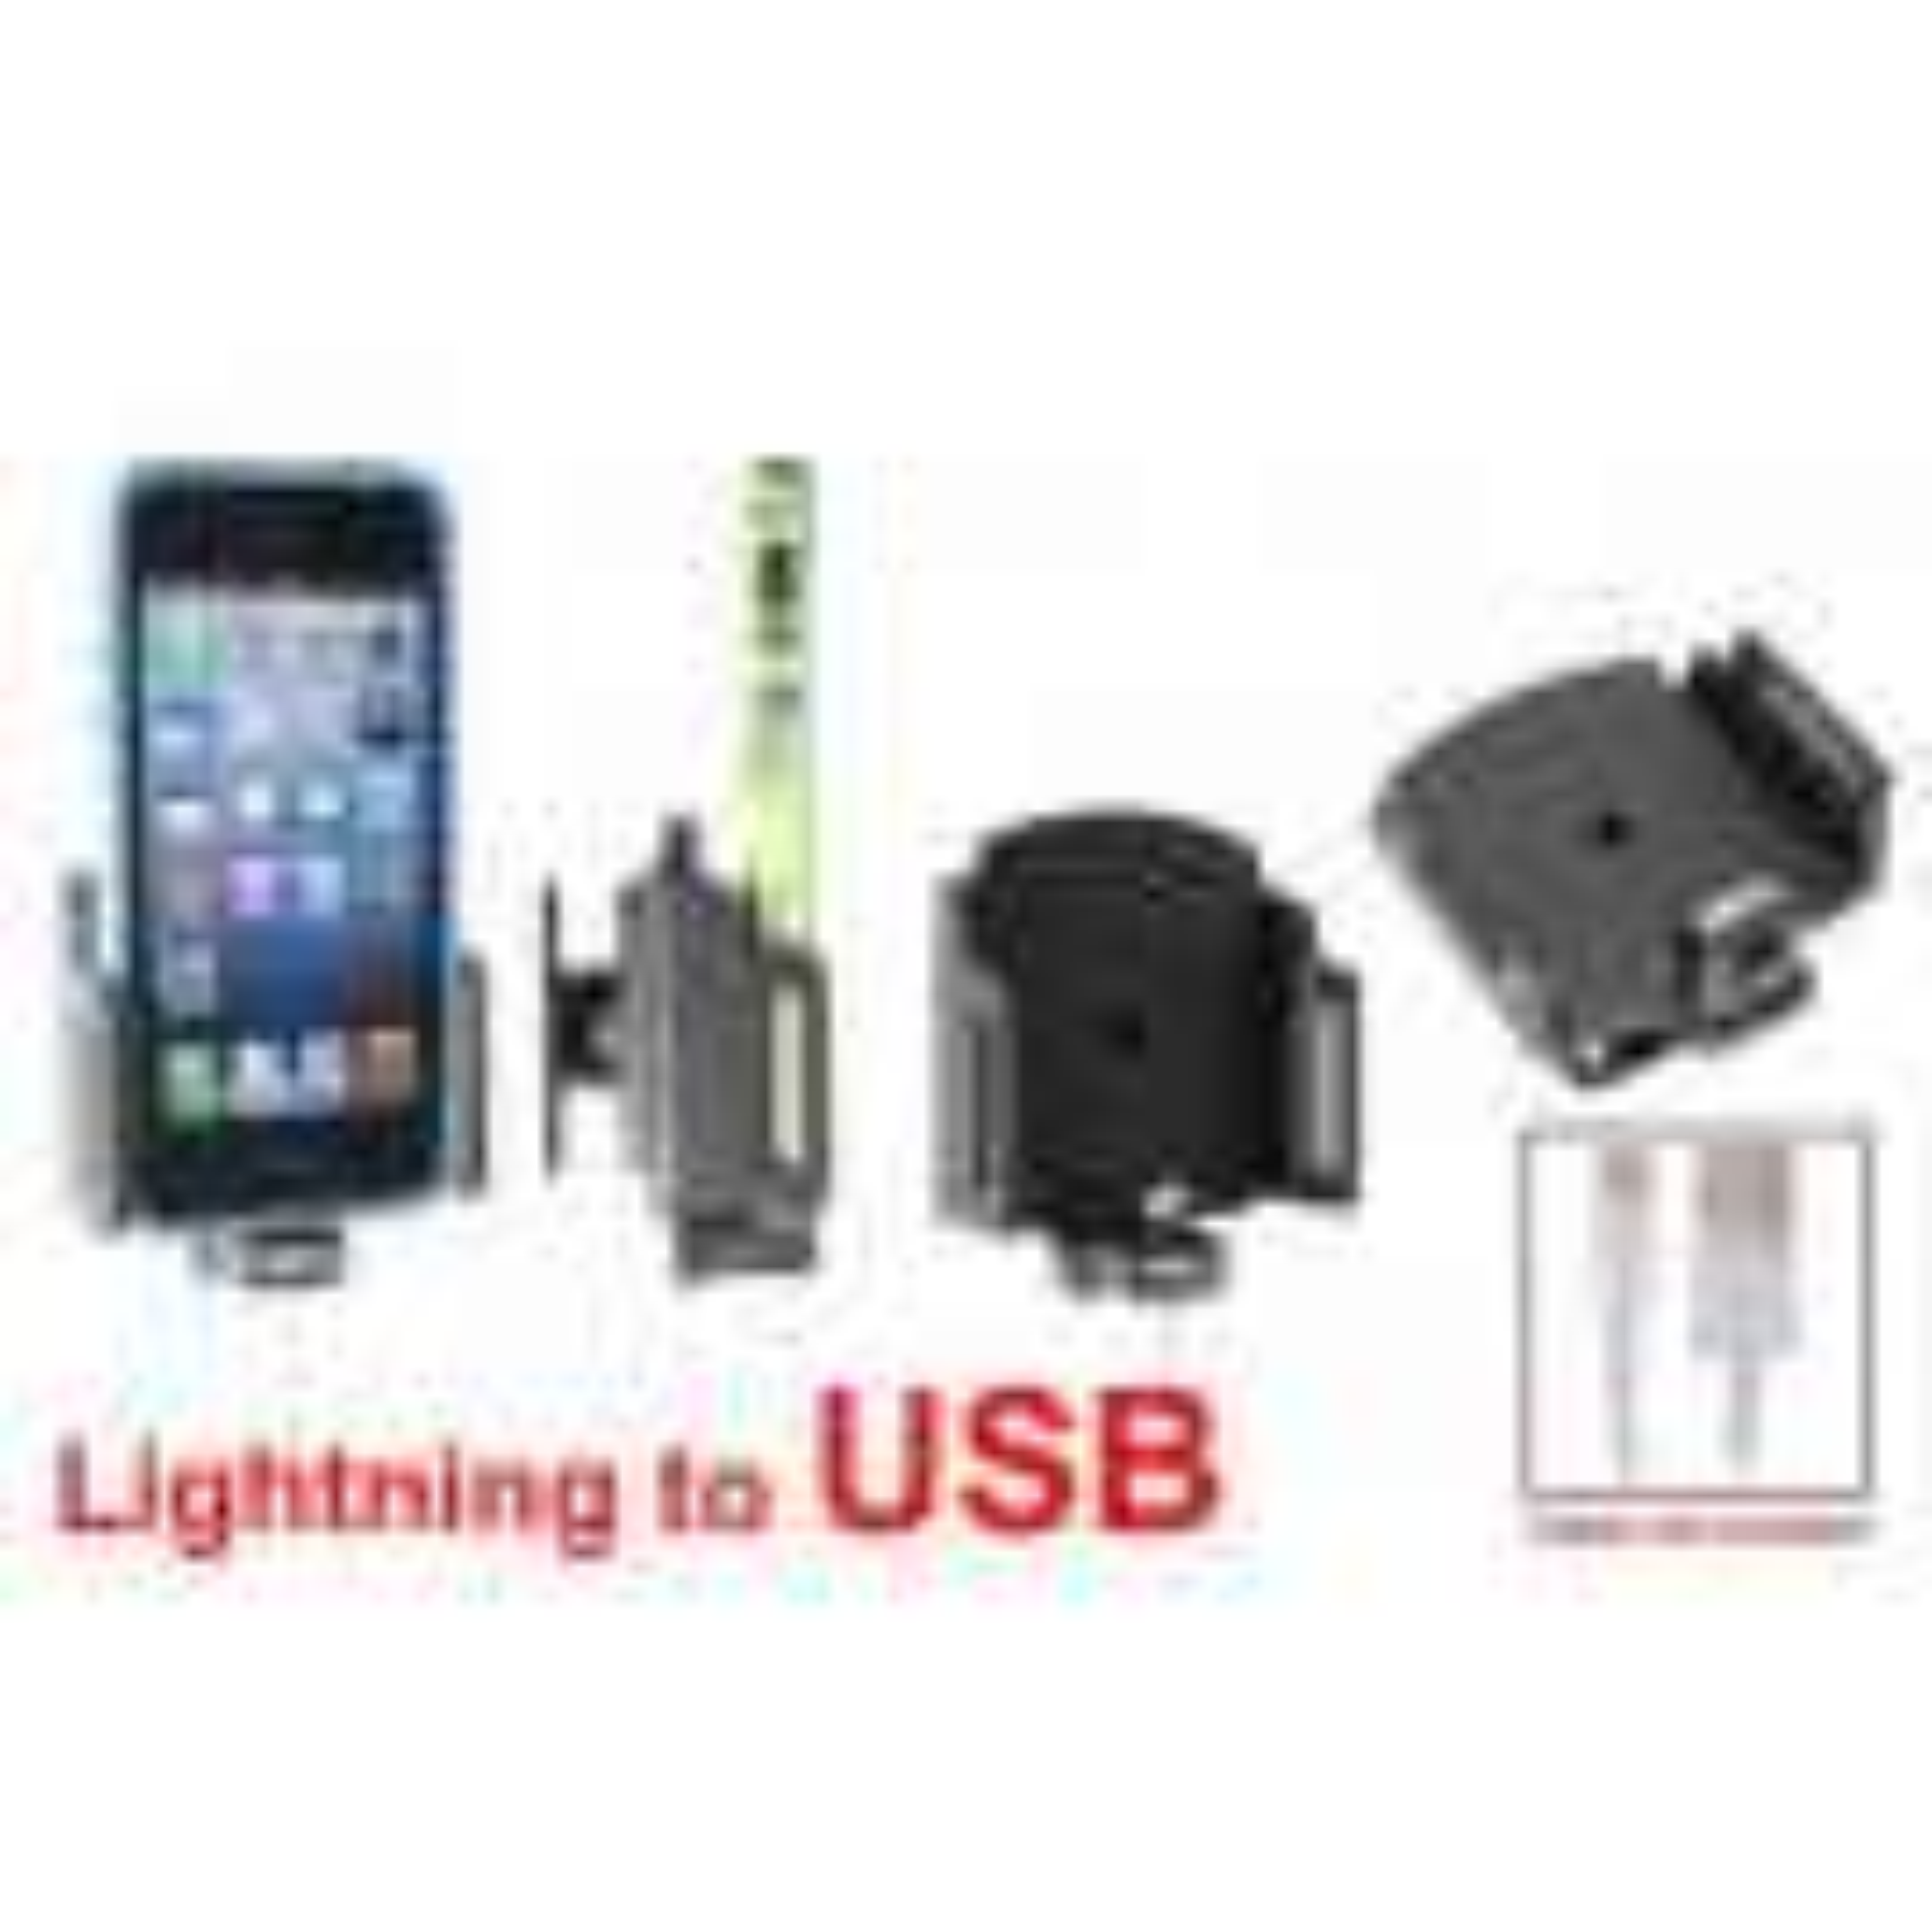 Brodit Passiv mobilholder m. kabeltilslutning ligthning til USB til Apple iPhone 5/5S/5C B:62-77 D:6-10 - 514436